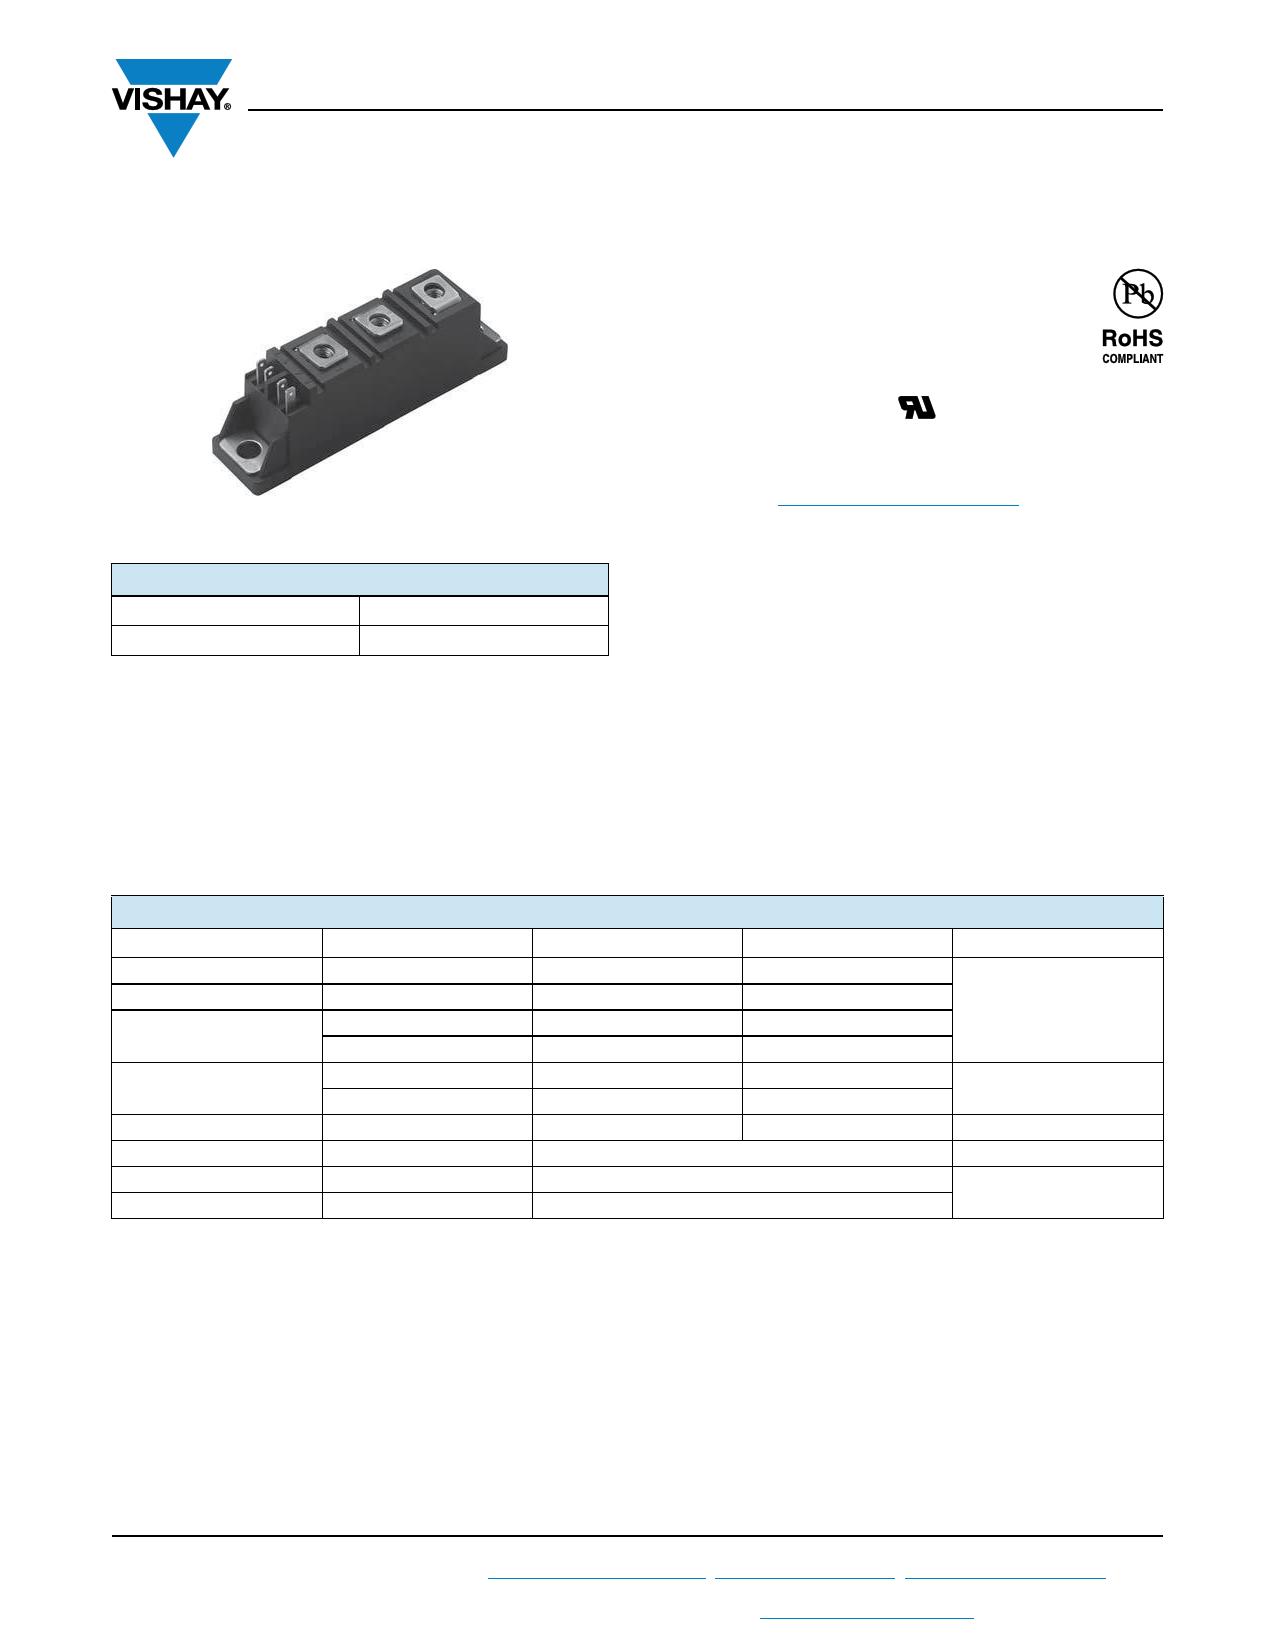 VSKT57-14S90P Datasheet, VSKT57-14S90P PDF,ピン配置, 機能